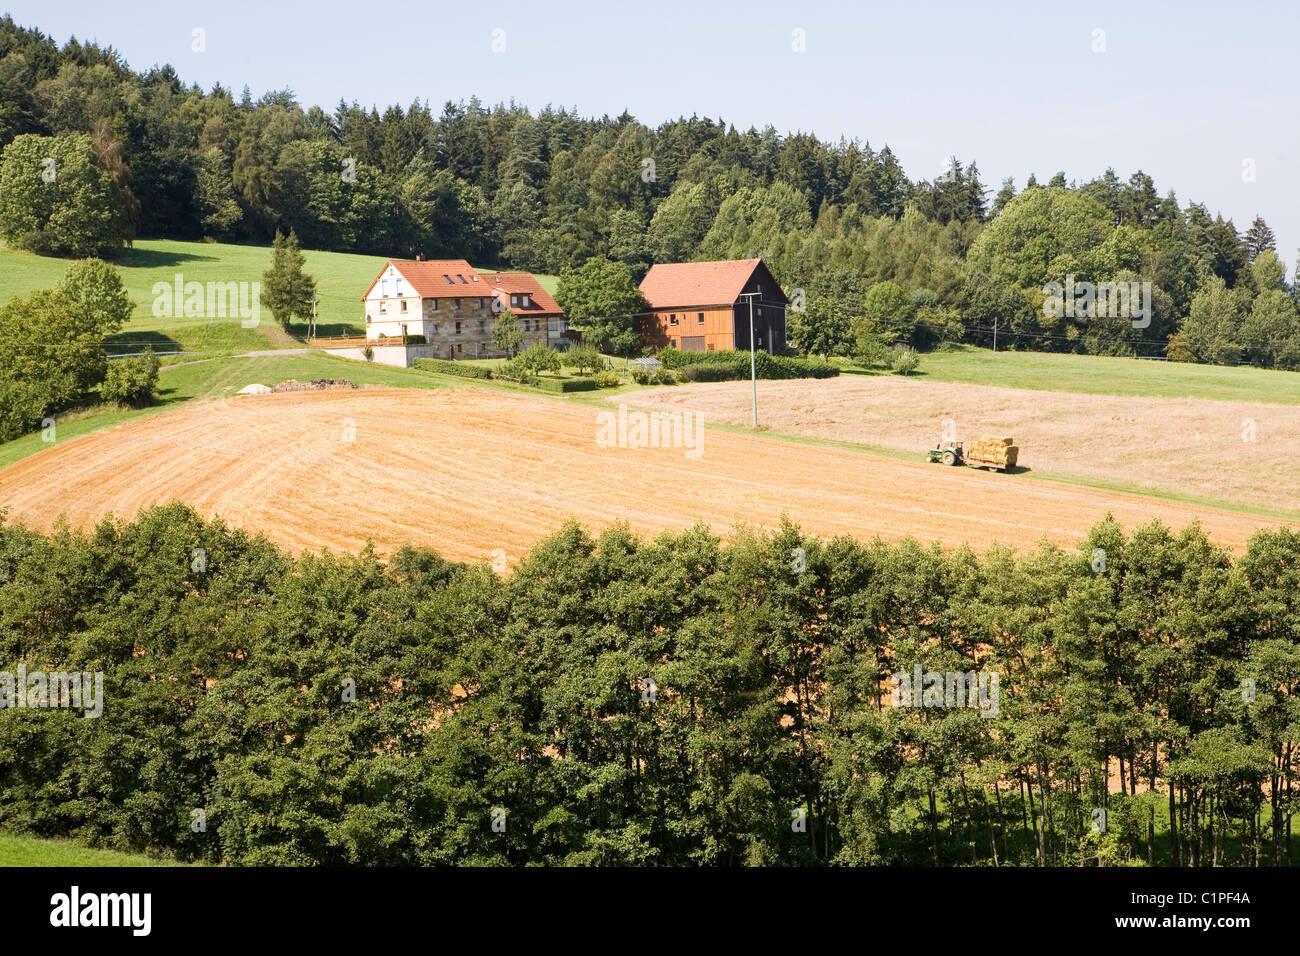 Alemania, Baviera, Bayreuth, granja y campo cosechado Imagen De Stock